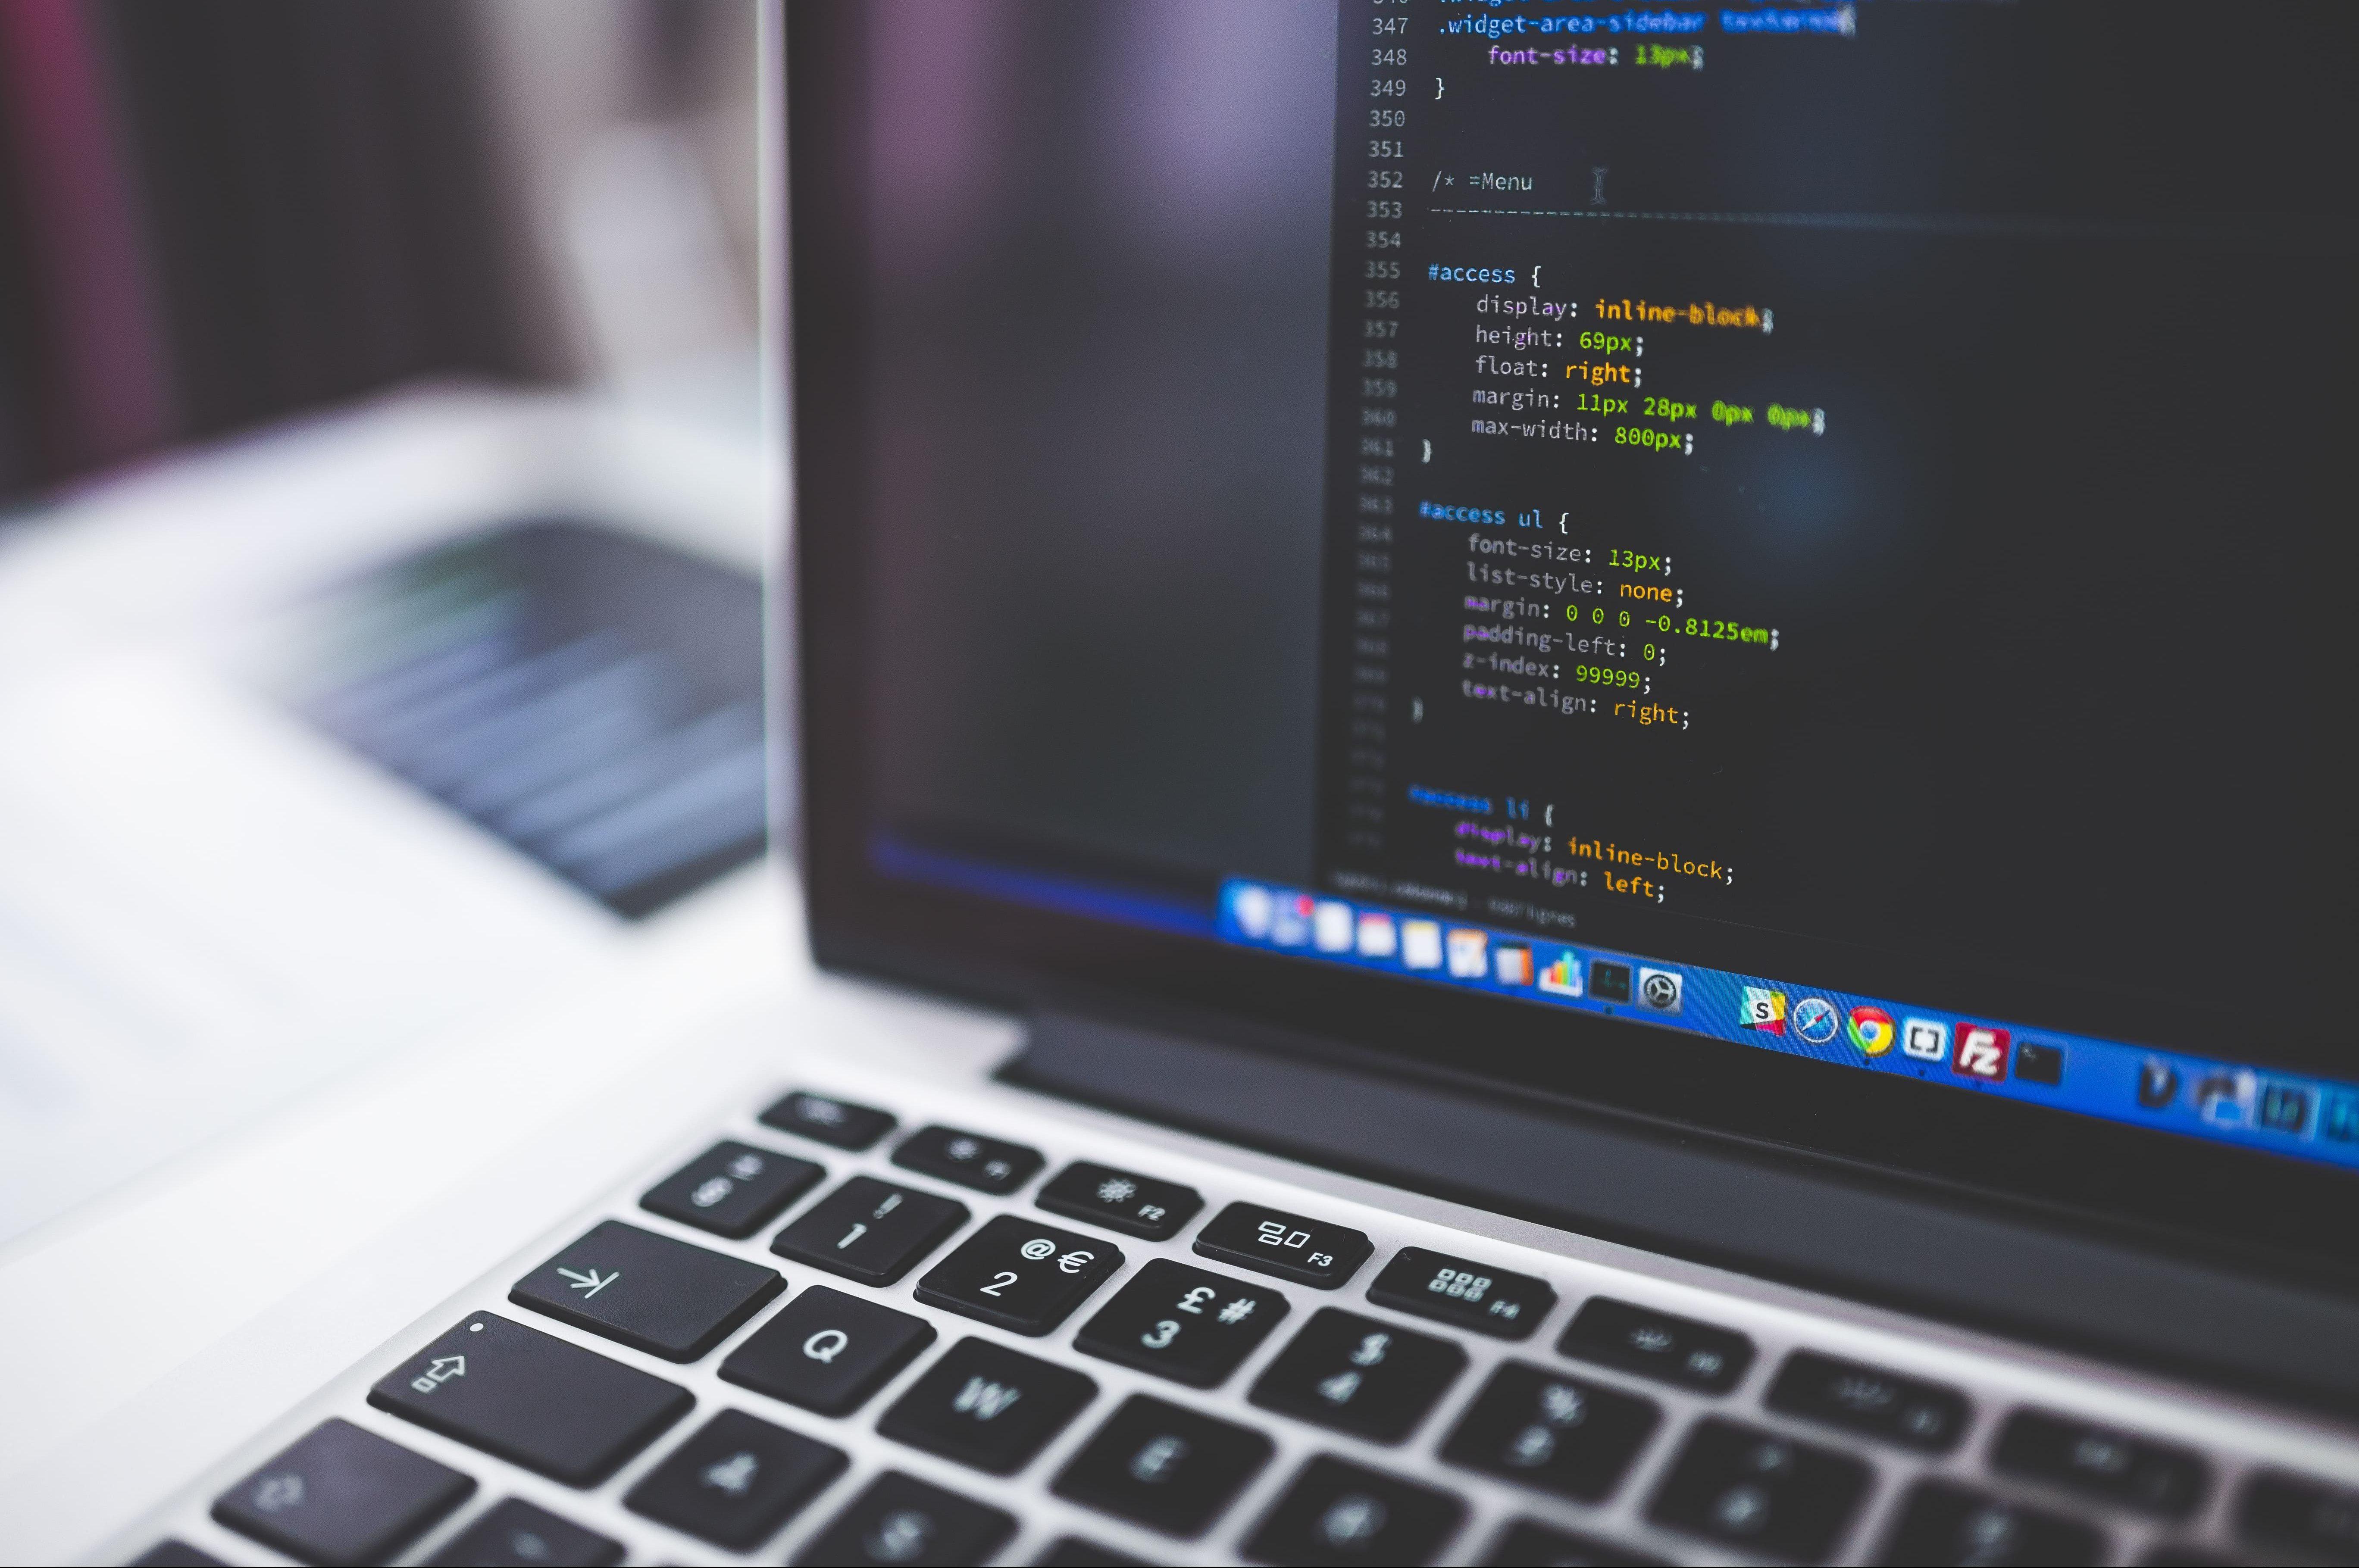 La generalitat volia registrar empreses gràcies a les blockchains.